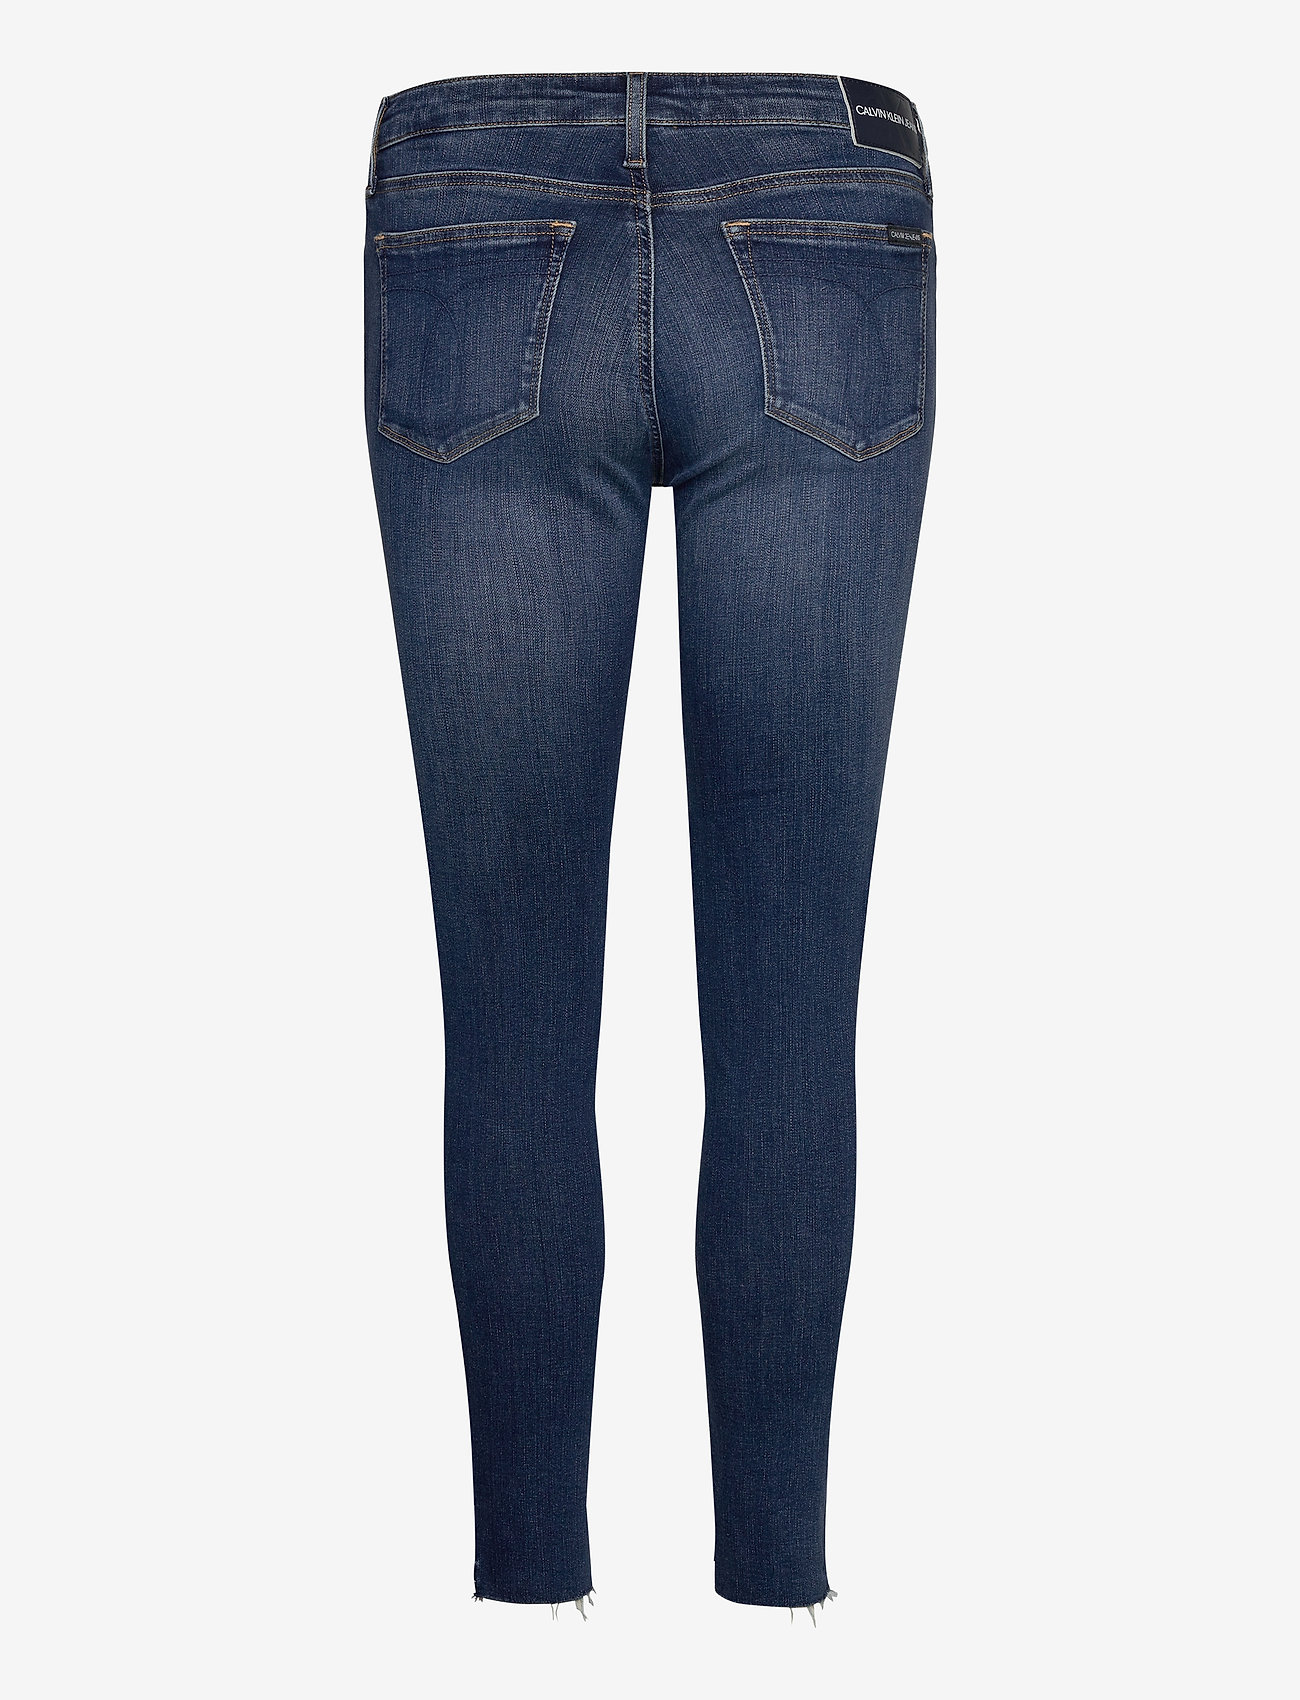 Calvin Klein Jeans CKJ 011 MID RISE SKINNY ANKLE - Dżinsy AB115 DARK BLUE EMBRO RWH - Kobiety Odzież.